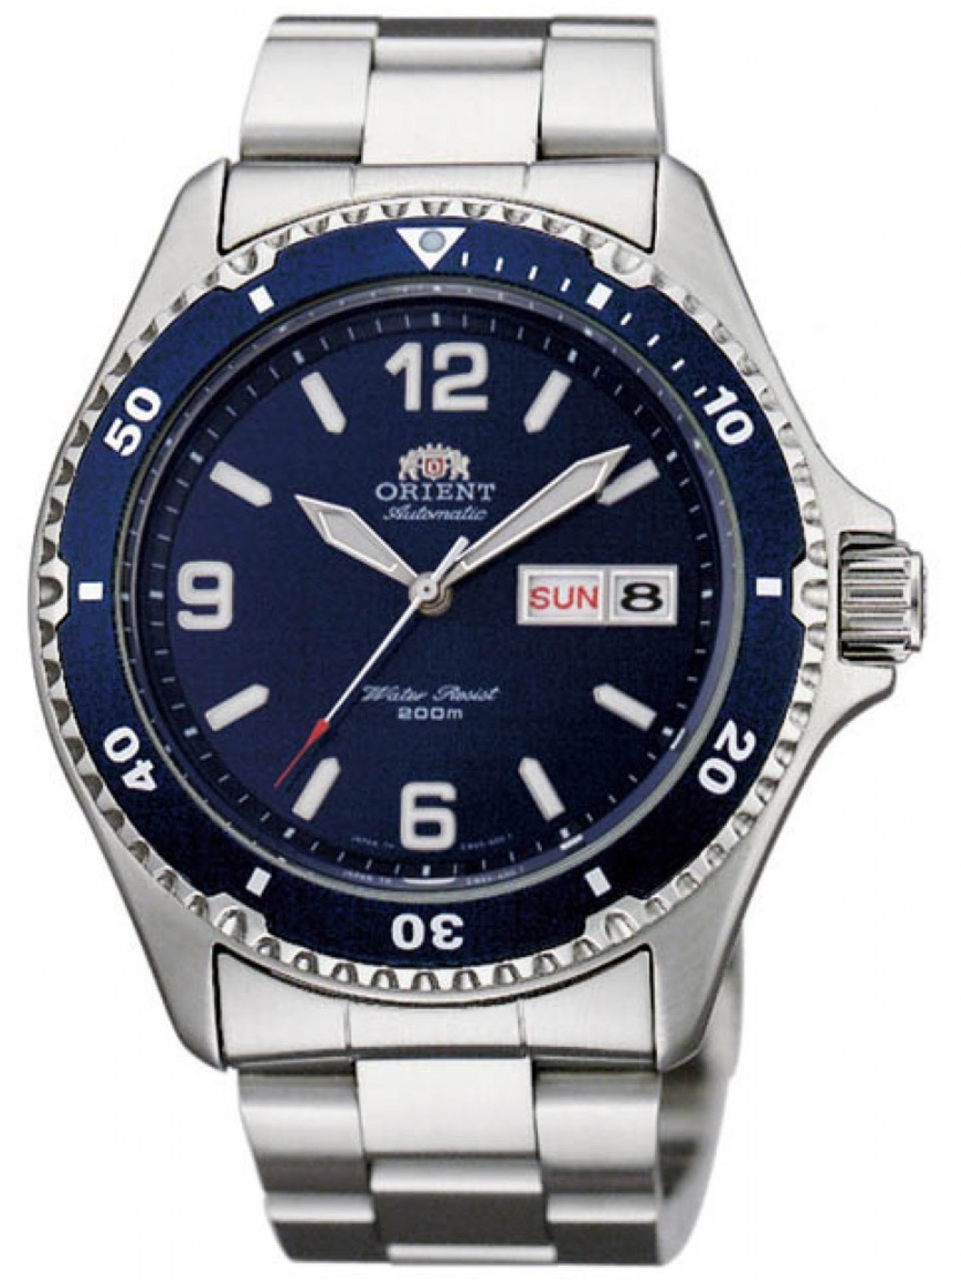 eaf98e13 Часы ORIENT FAA02002D / ОРИЕНТ / Японские наручные часы / Украина / Одесса  -